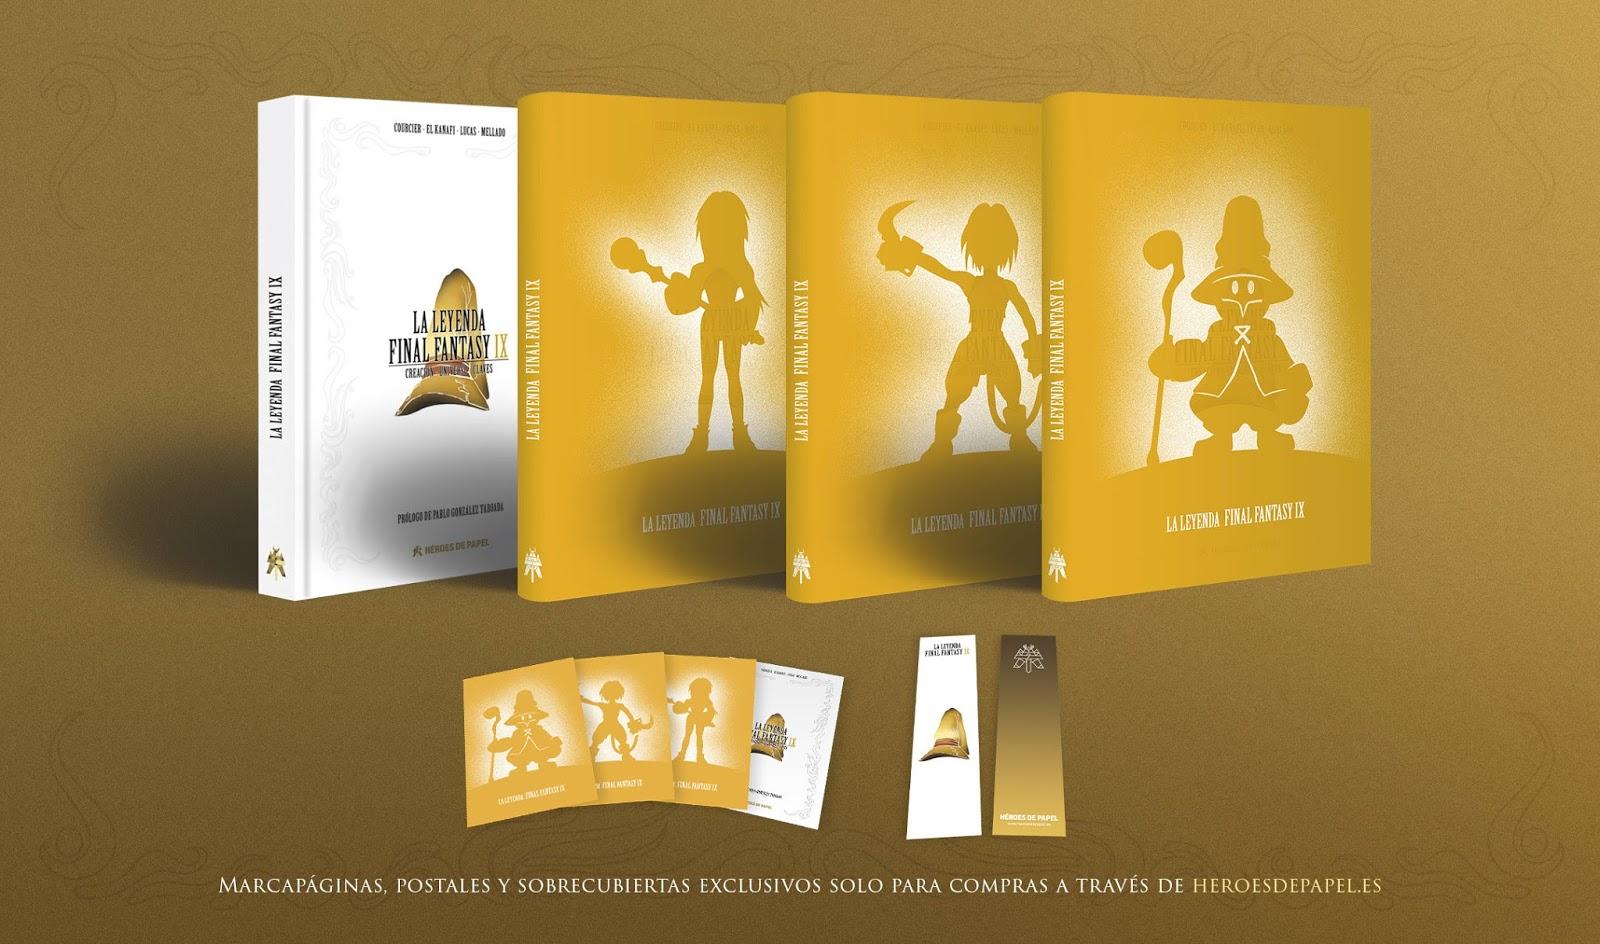 Se anuncia el libro La Leyenda Final Fantasy IX